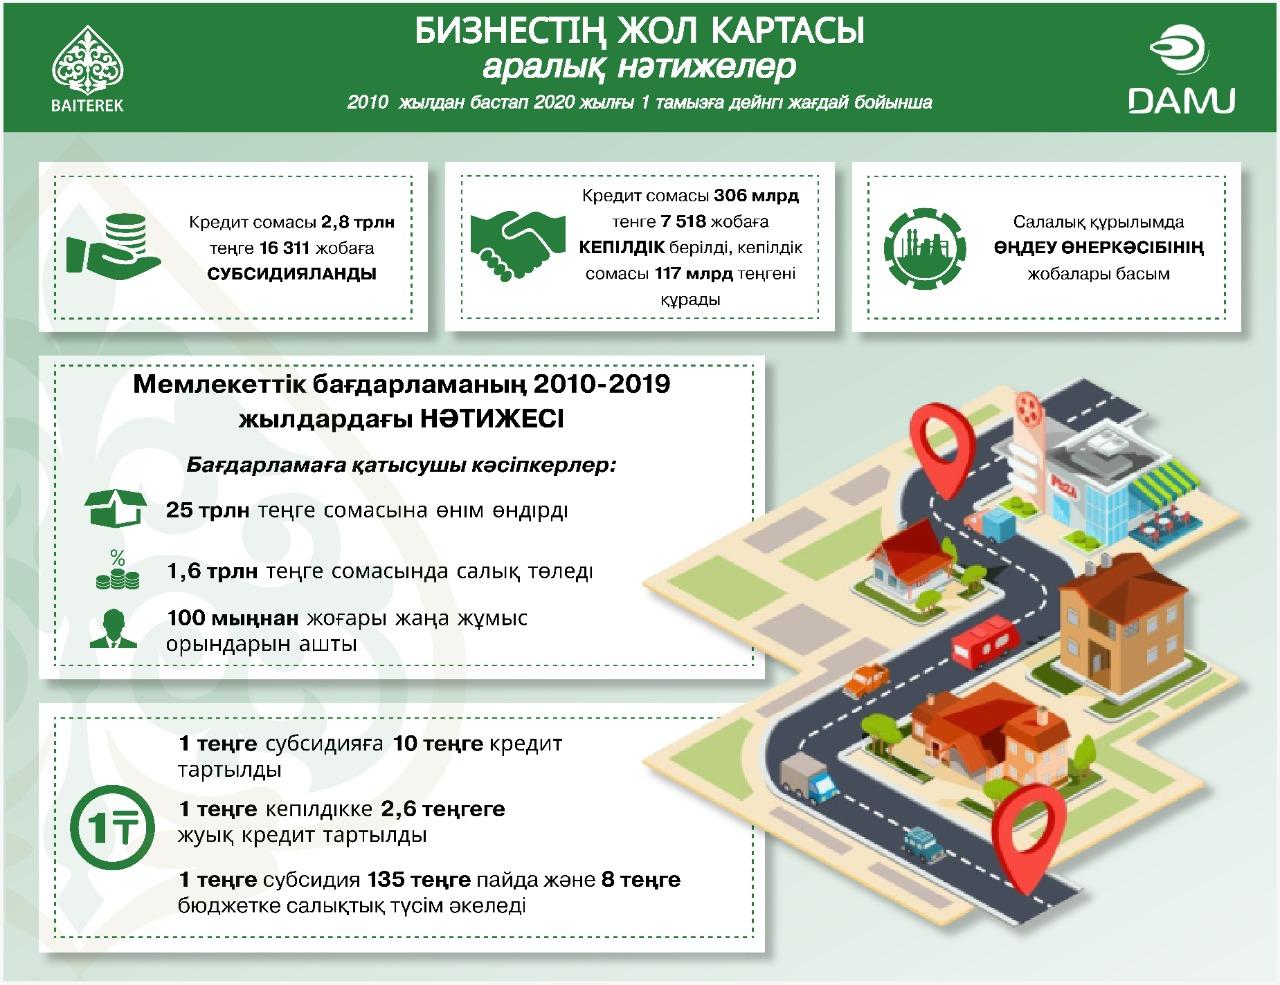 Бизнестің жол картасы-2025